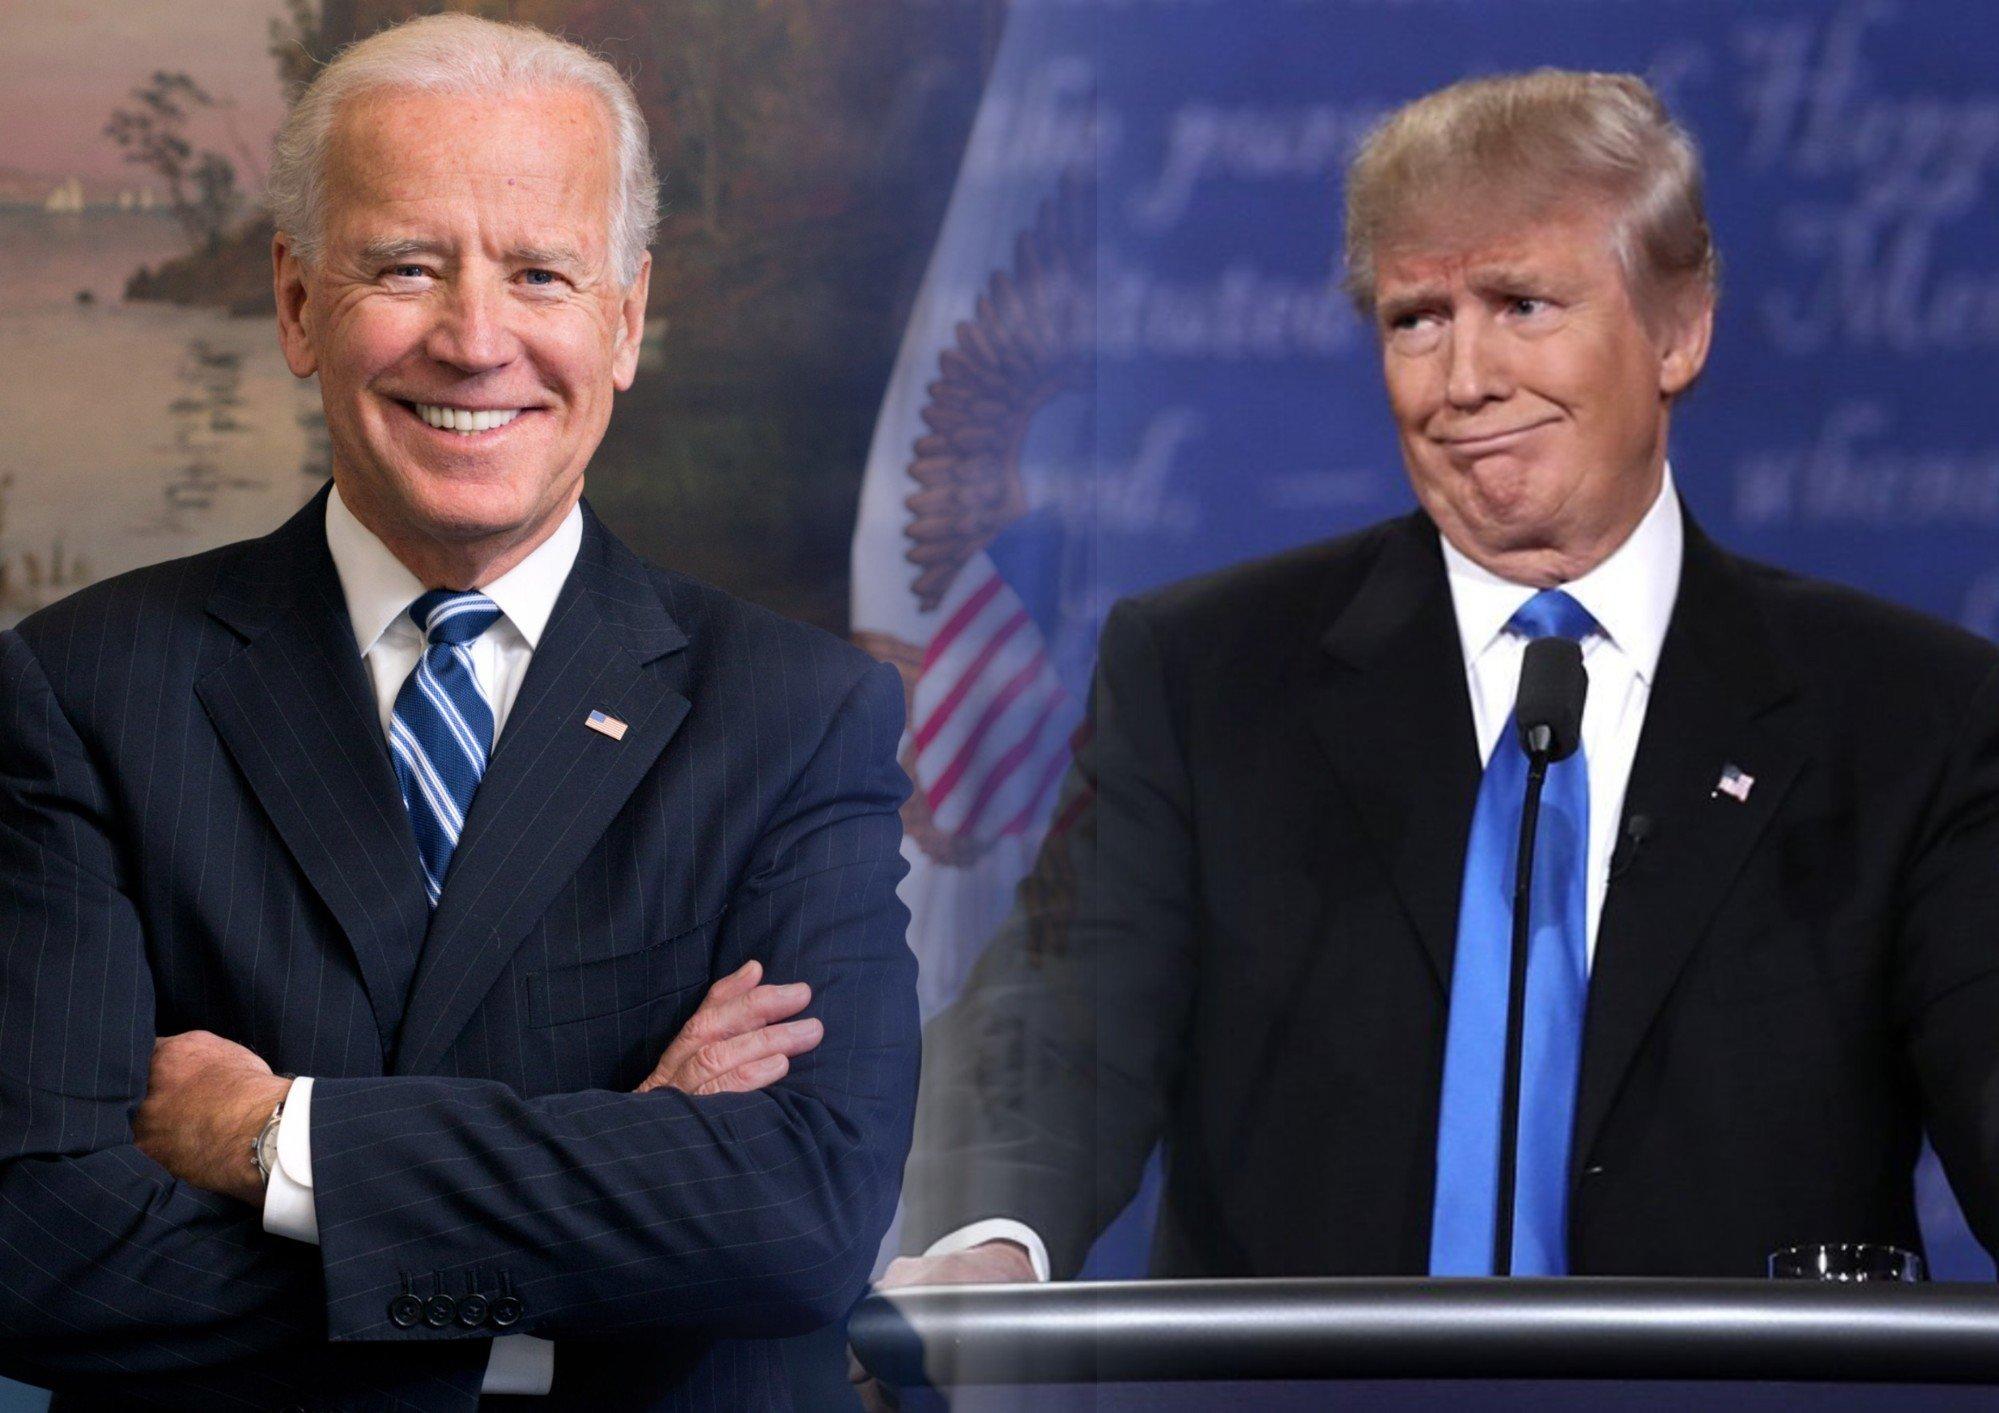 Пересчет в Висконсине: Трамп еще больше проигрывает